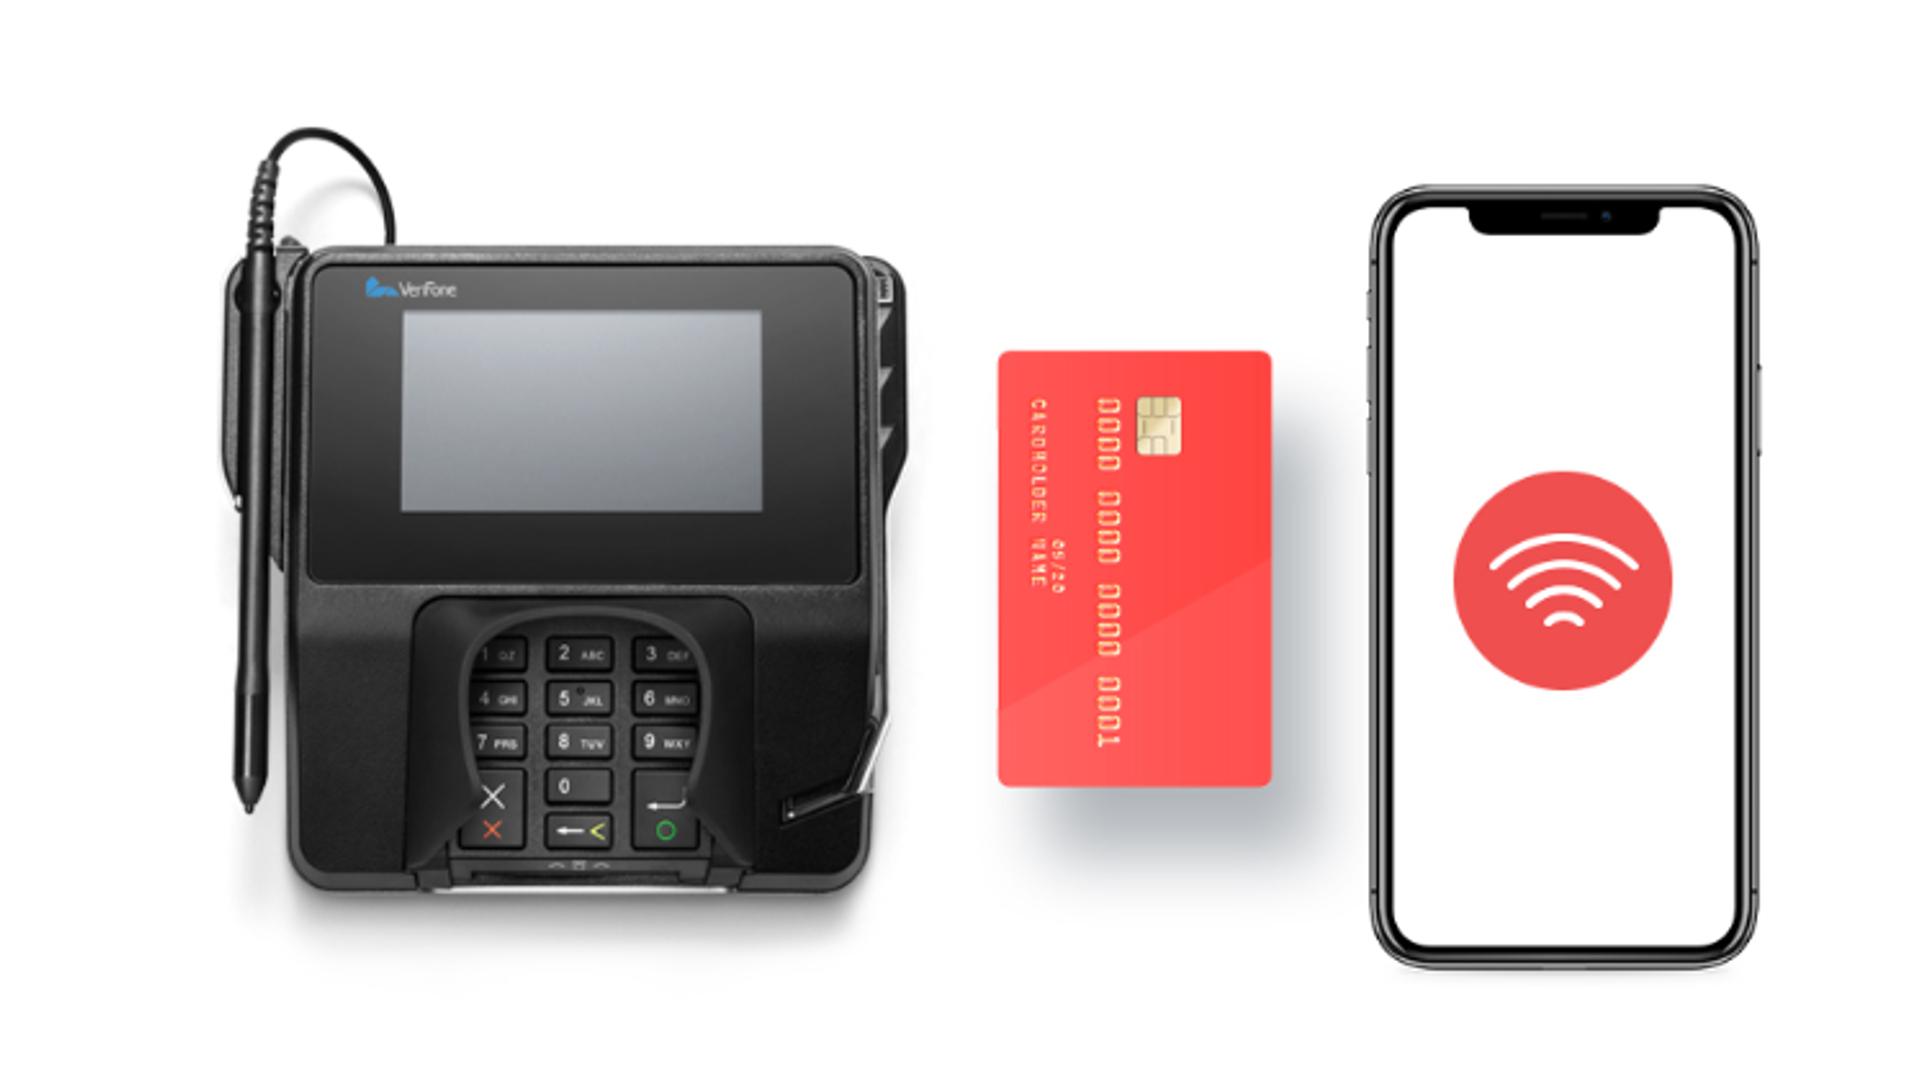 Lightspeed mobile card reader (Image Credit: Lightspeed)